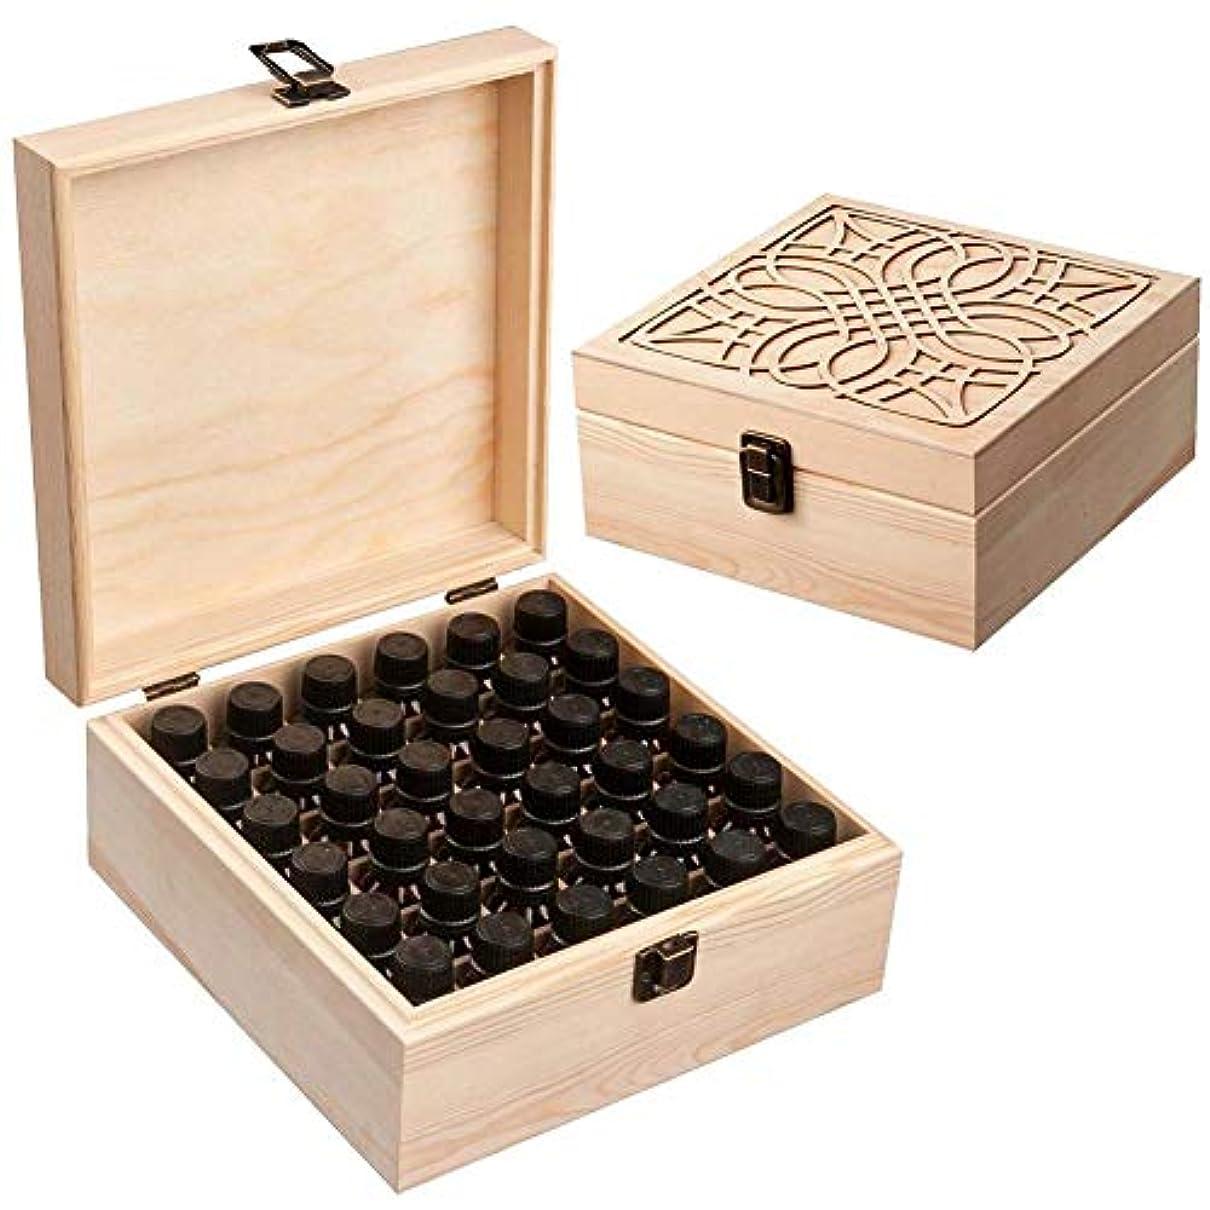 昇る歩き回る淡いNewfashion エッセンシャルオイル収納ボックス 精油収納 アロマケース 木製 大容量 携帯便利 オイルボックス 飾り物 36本用